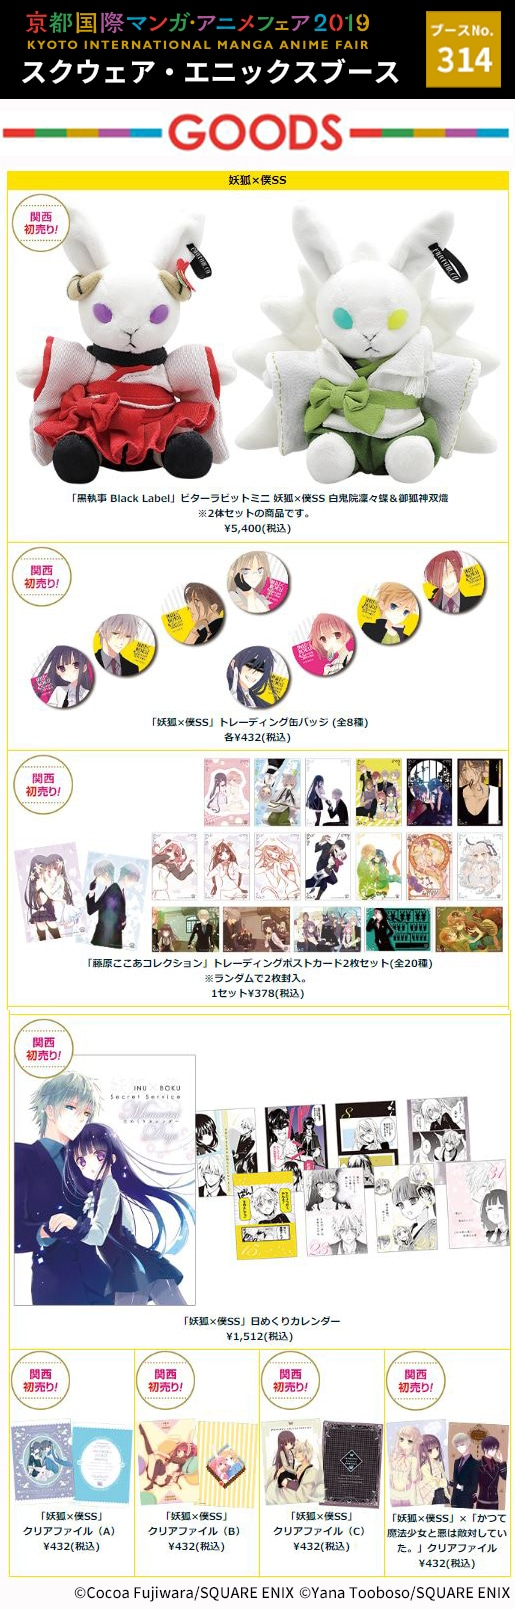 スクウェア・エニックスが「京都国際マンガ・アニメフェア2019」で販売するグッズの一覧。